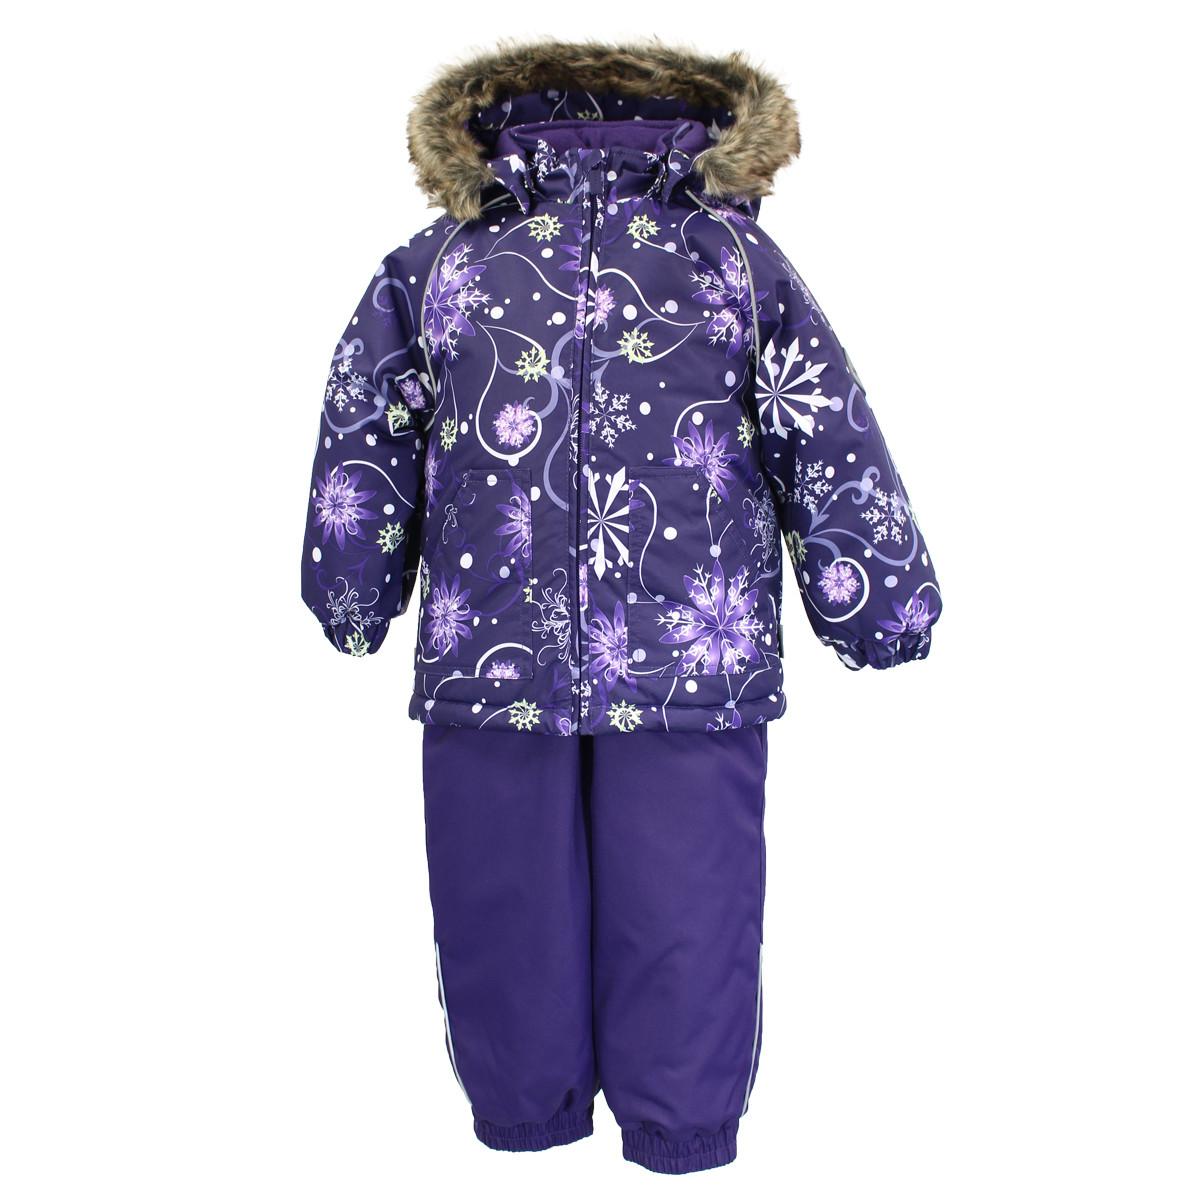 Детский комплект Huppa AVERY, лиловый с принтом/темно-лиловый - 98